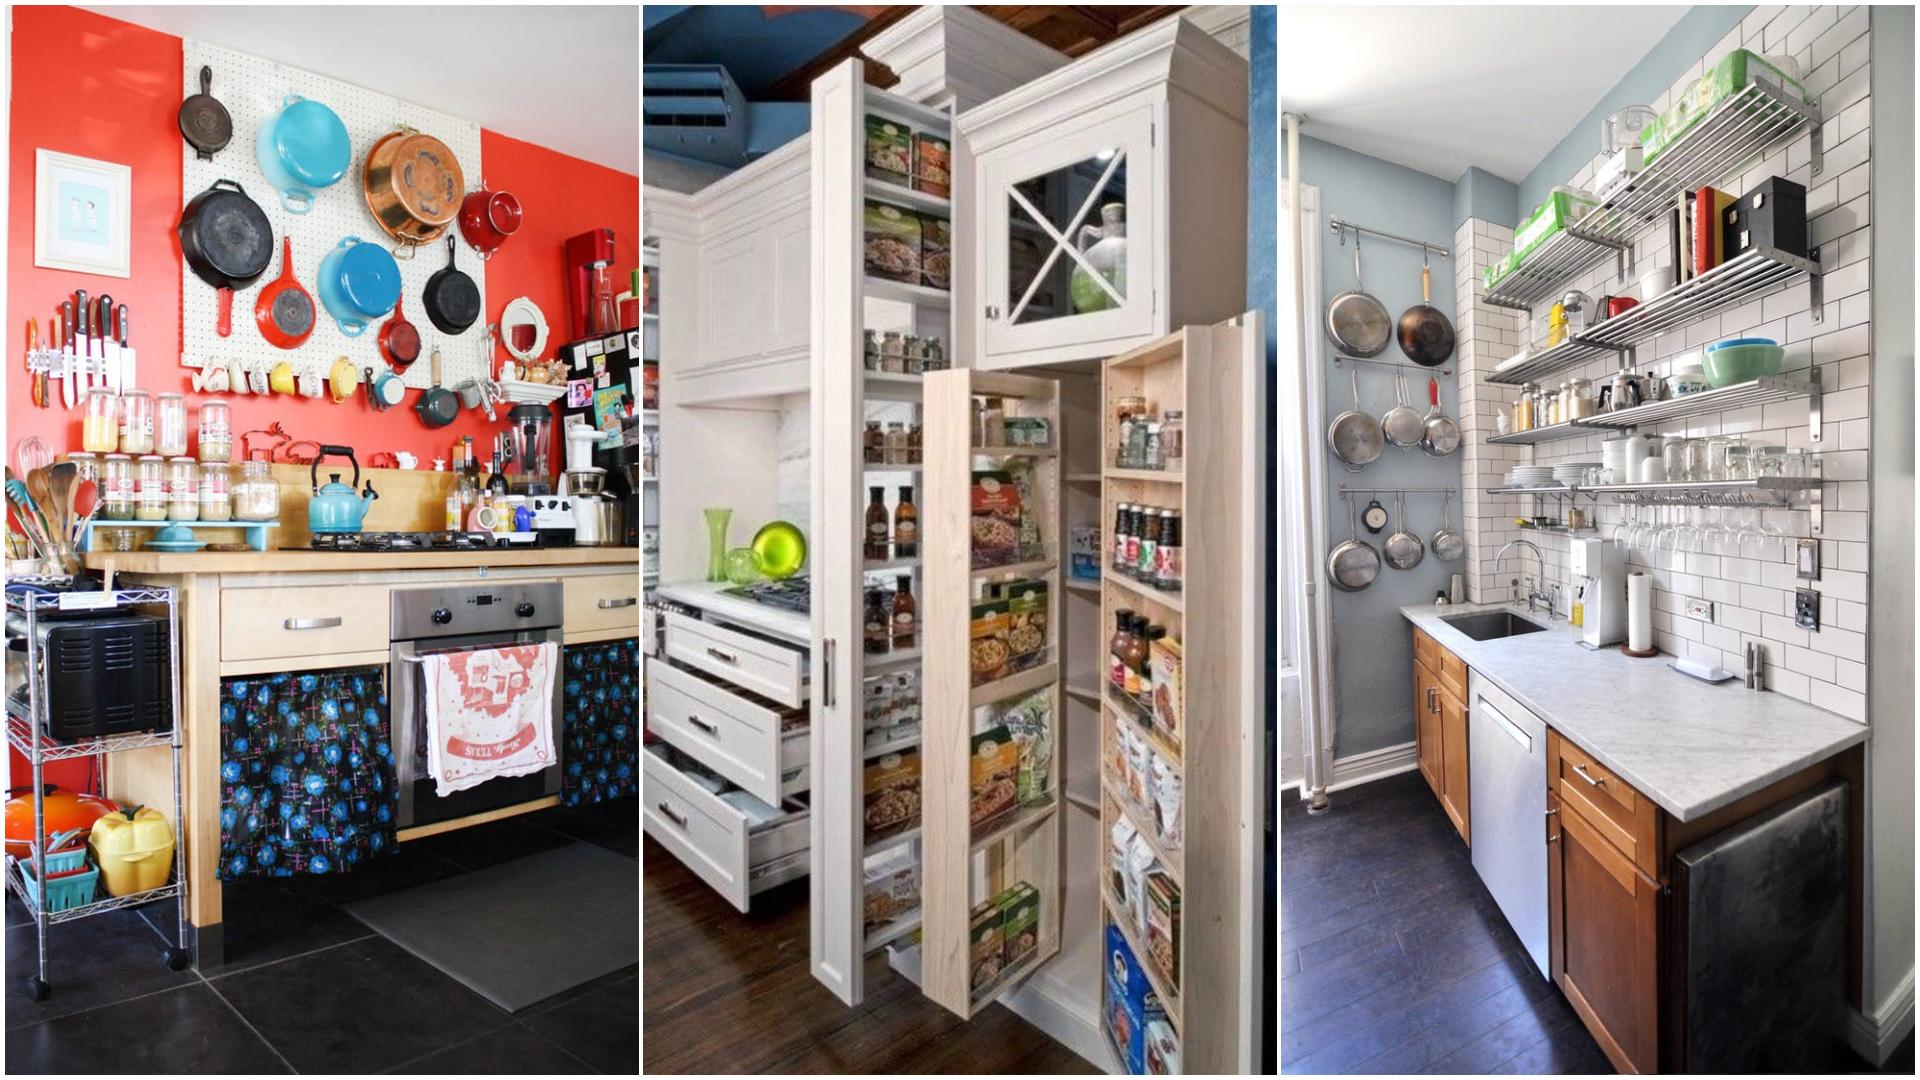 Проклятье малогабаритной кухни – оригинальные идеи и способы хранения кухонной утвари